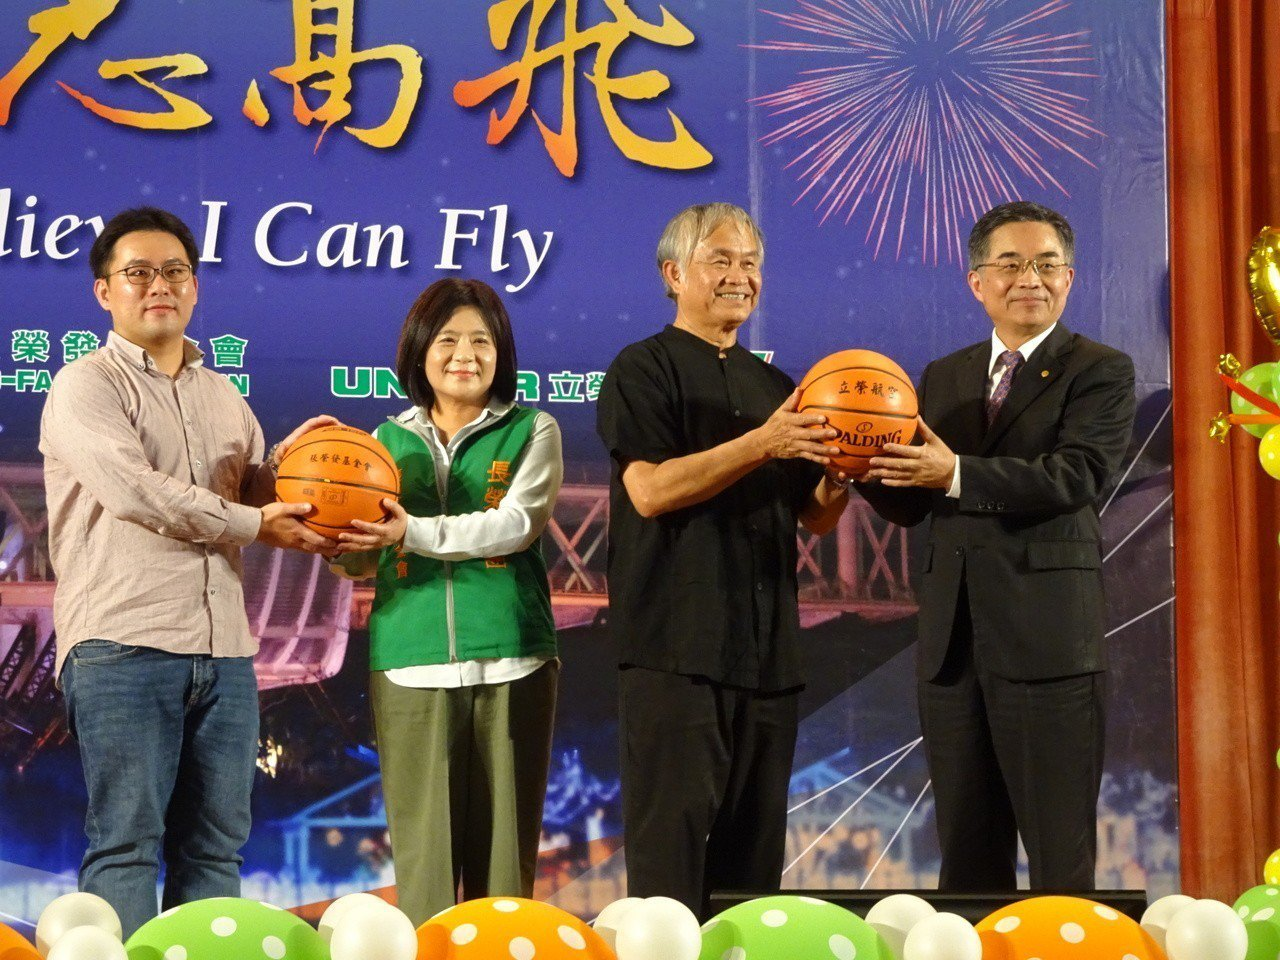 立榮航空及張榮發基金會也捐贈屏東全縣國中共758個班級,每班1顆專屬的籃球,希望...